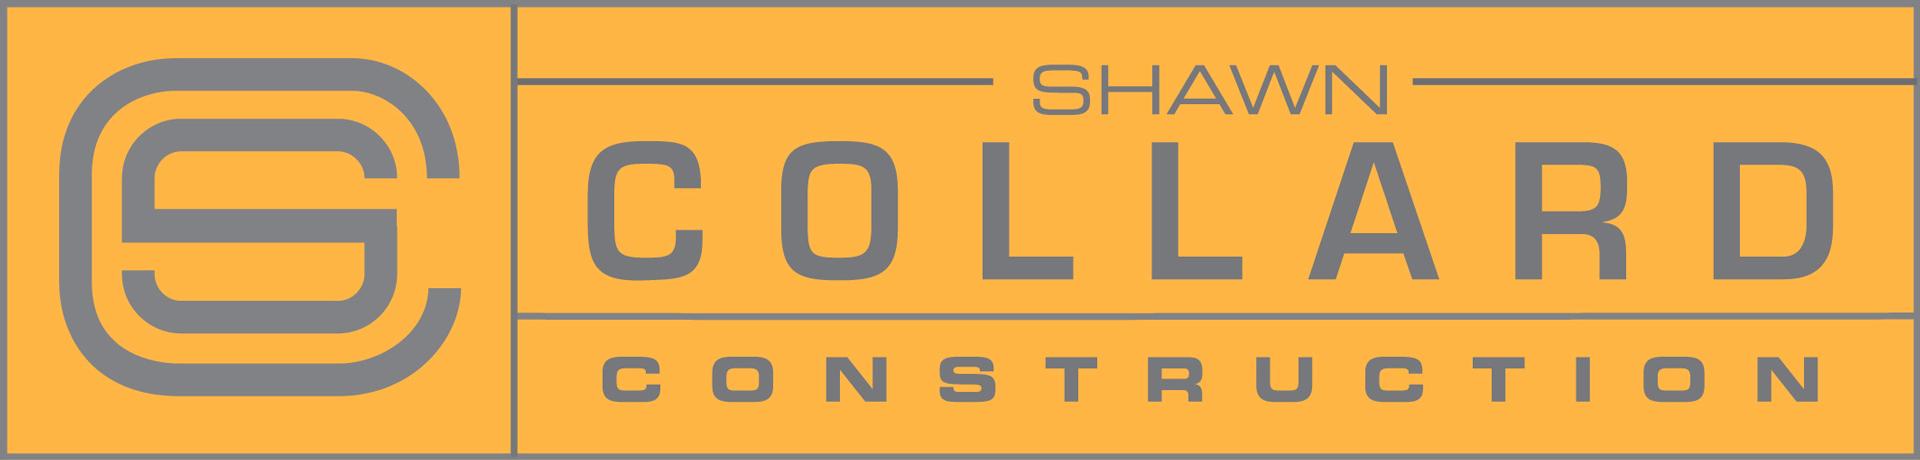 Shawn Collard Construction Logo